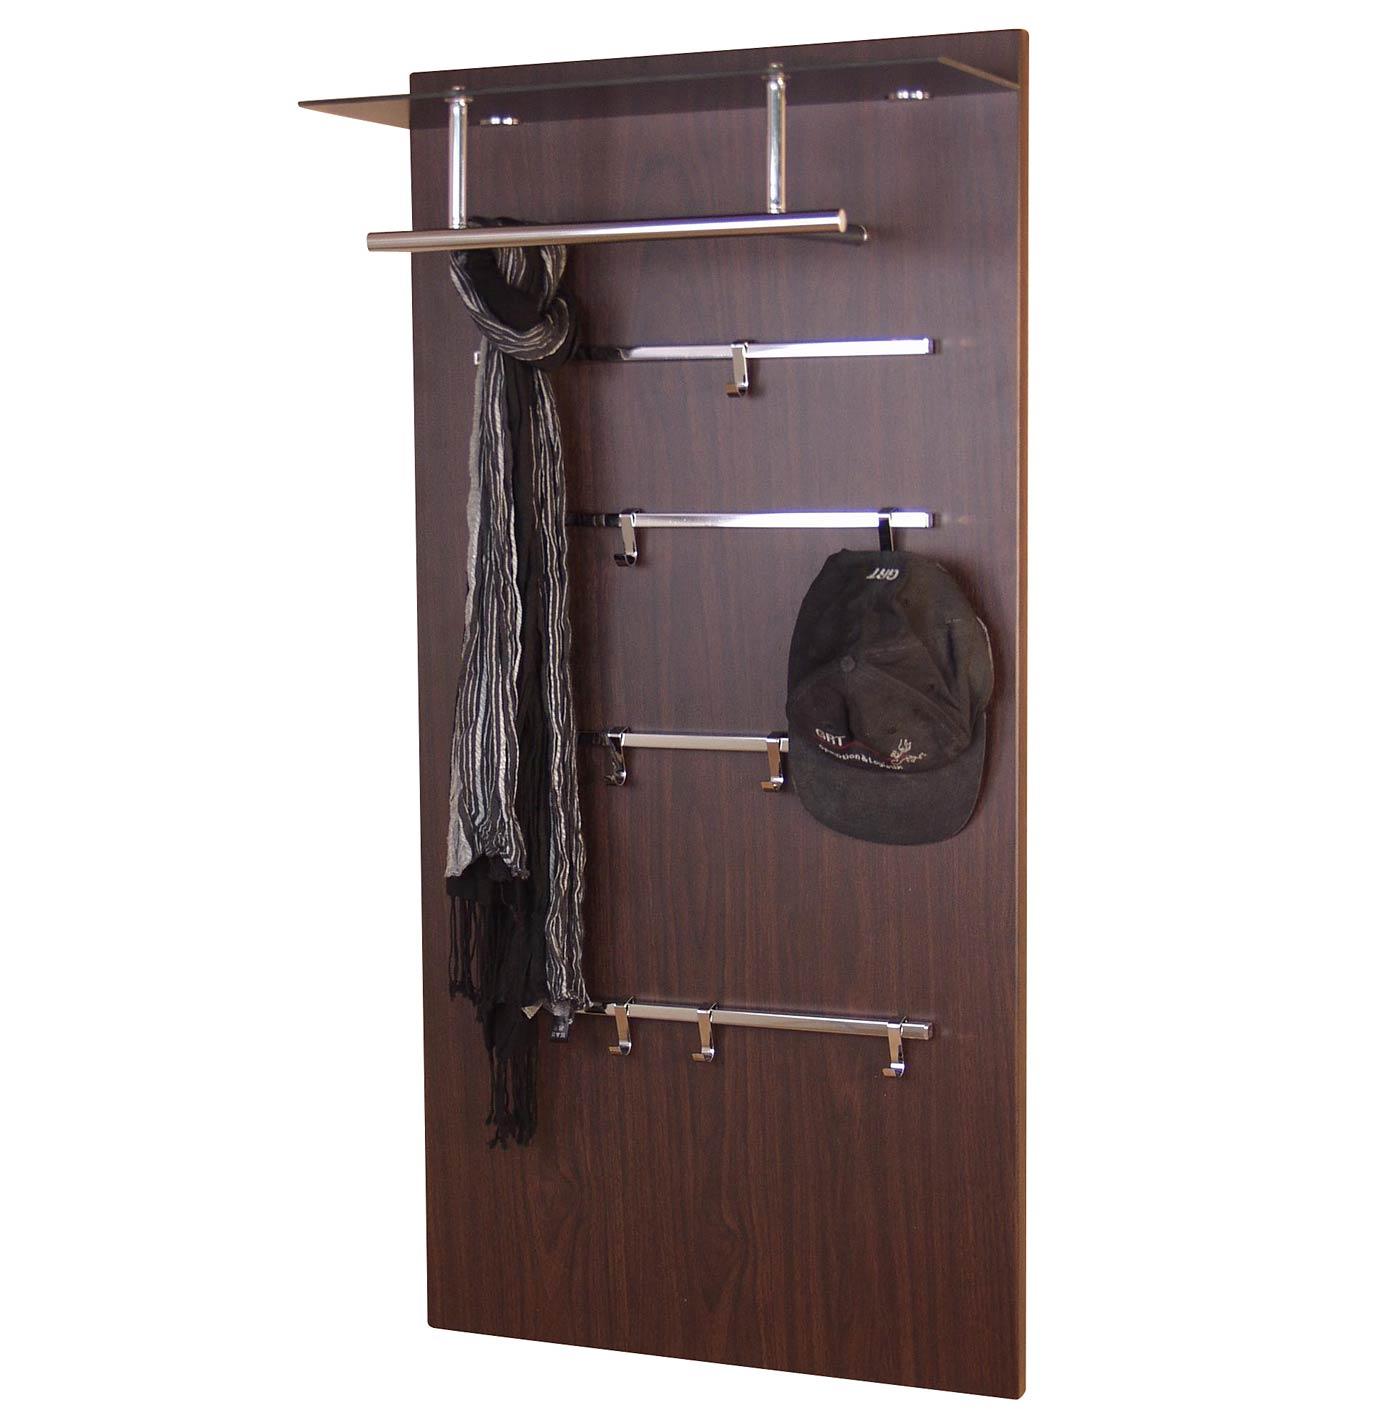 Garderobenpaneel h72 wandgarderobe garderobe kleiderhaken for Garderobe 60 cm